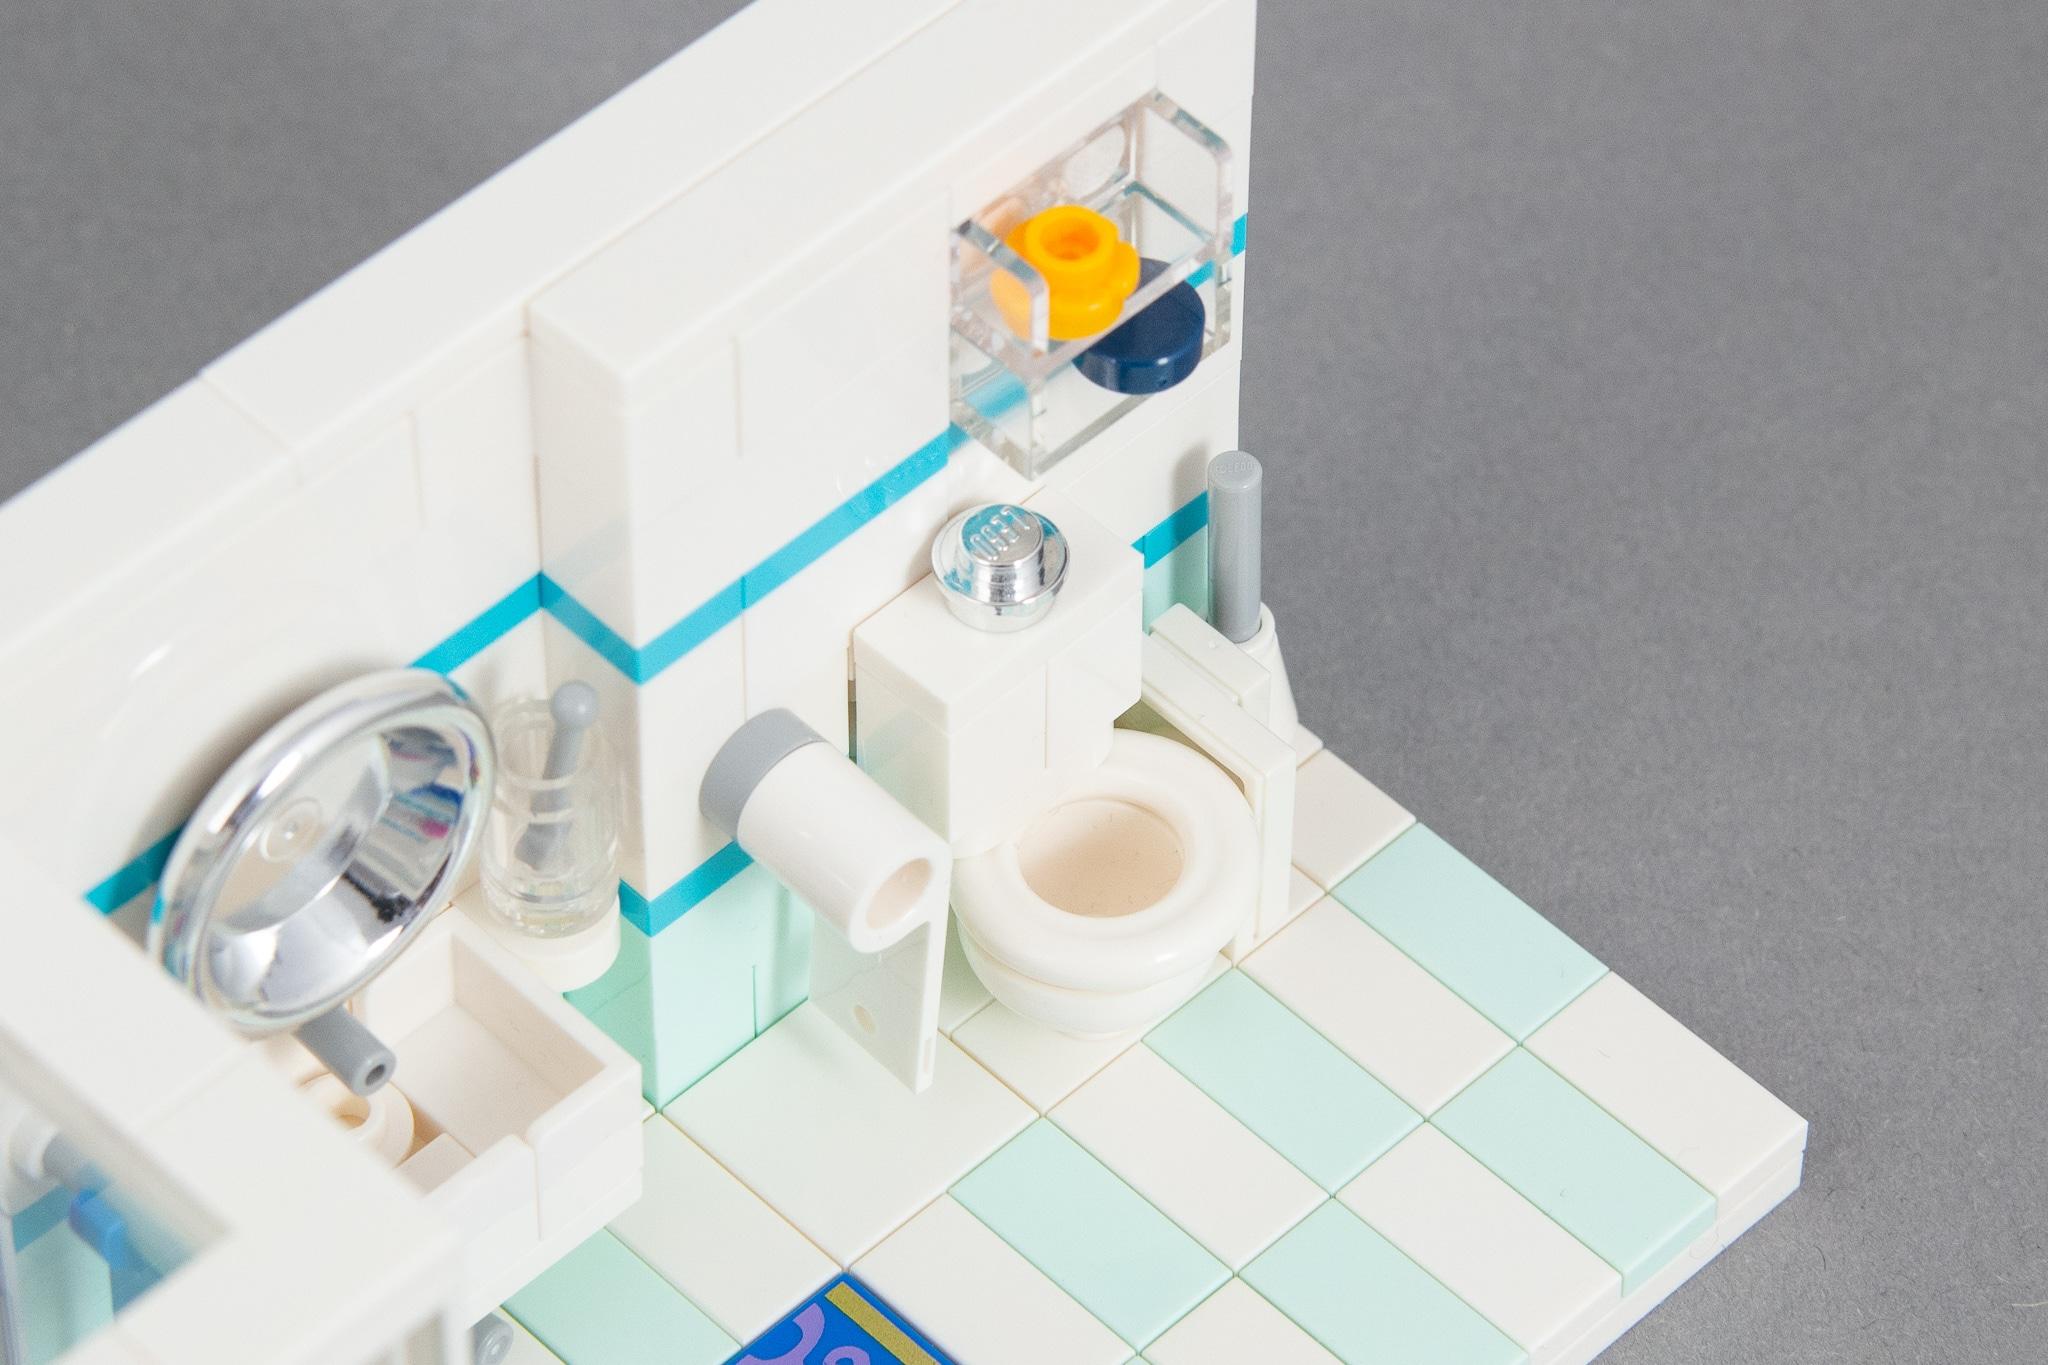 LEGO Badezimmer Klo Toilette